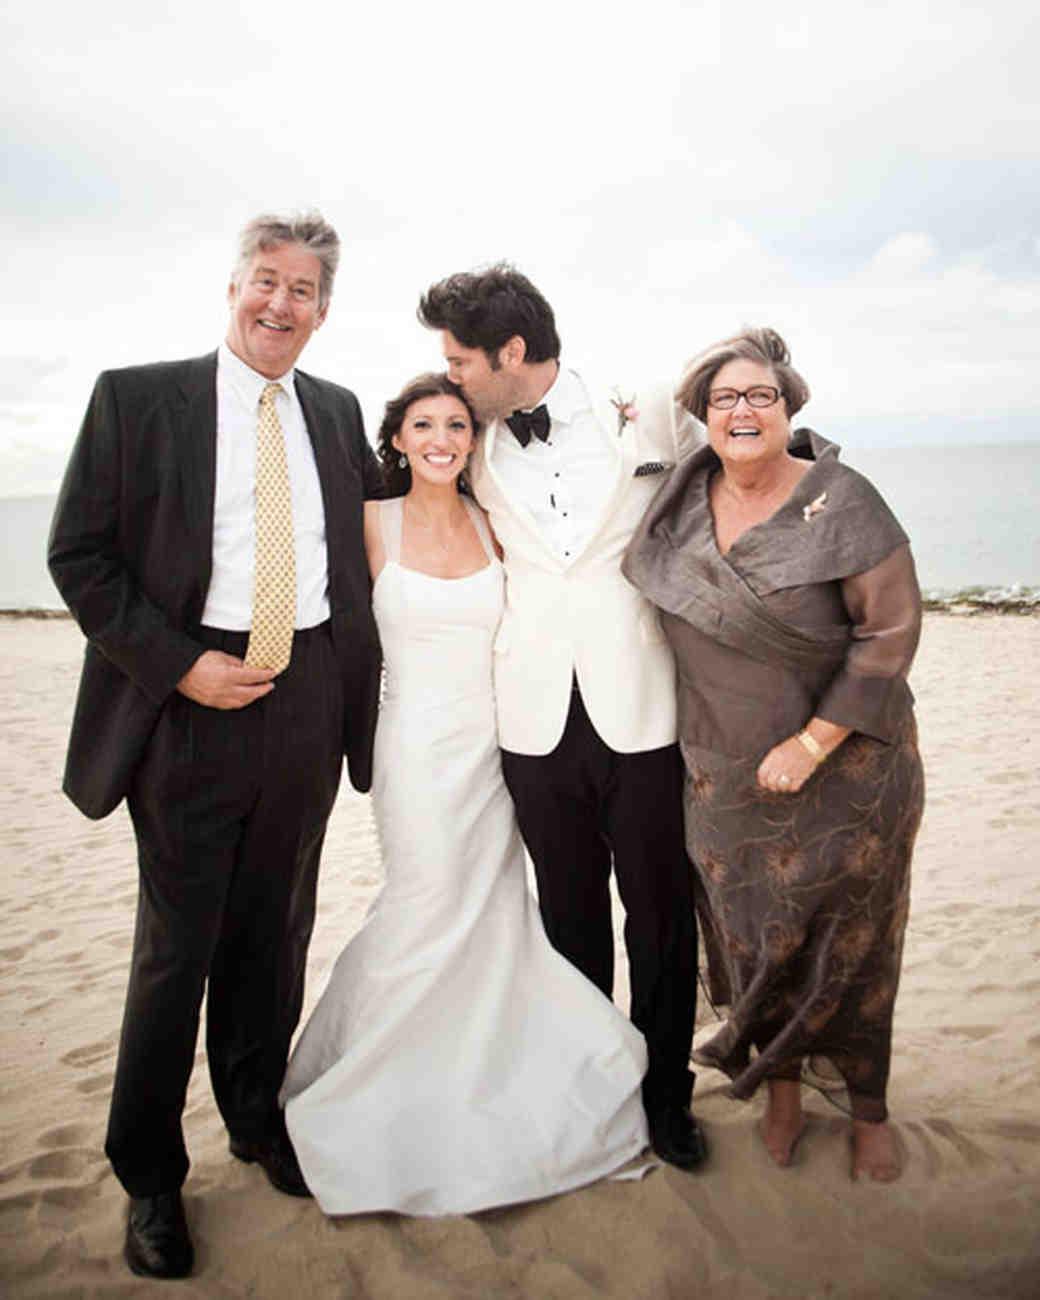 real-wedding-rose-gary-0411-family.jpg